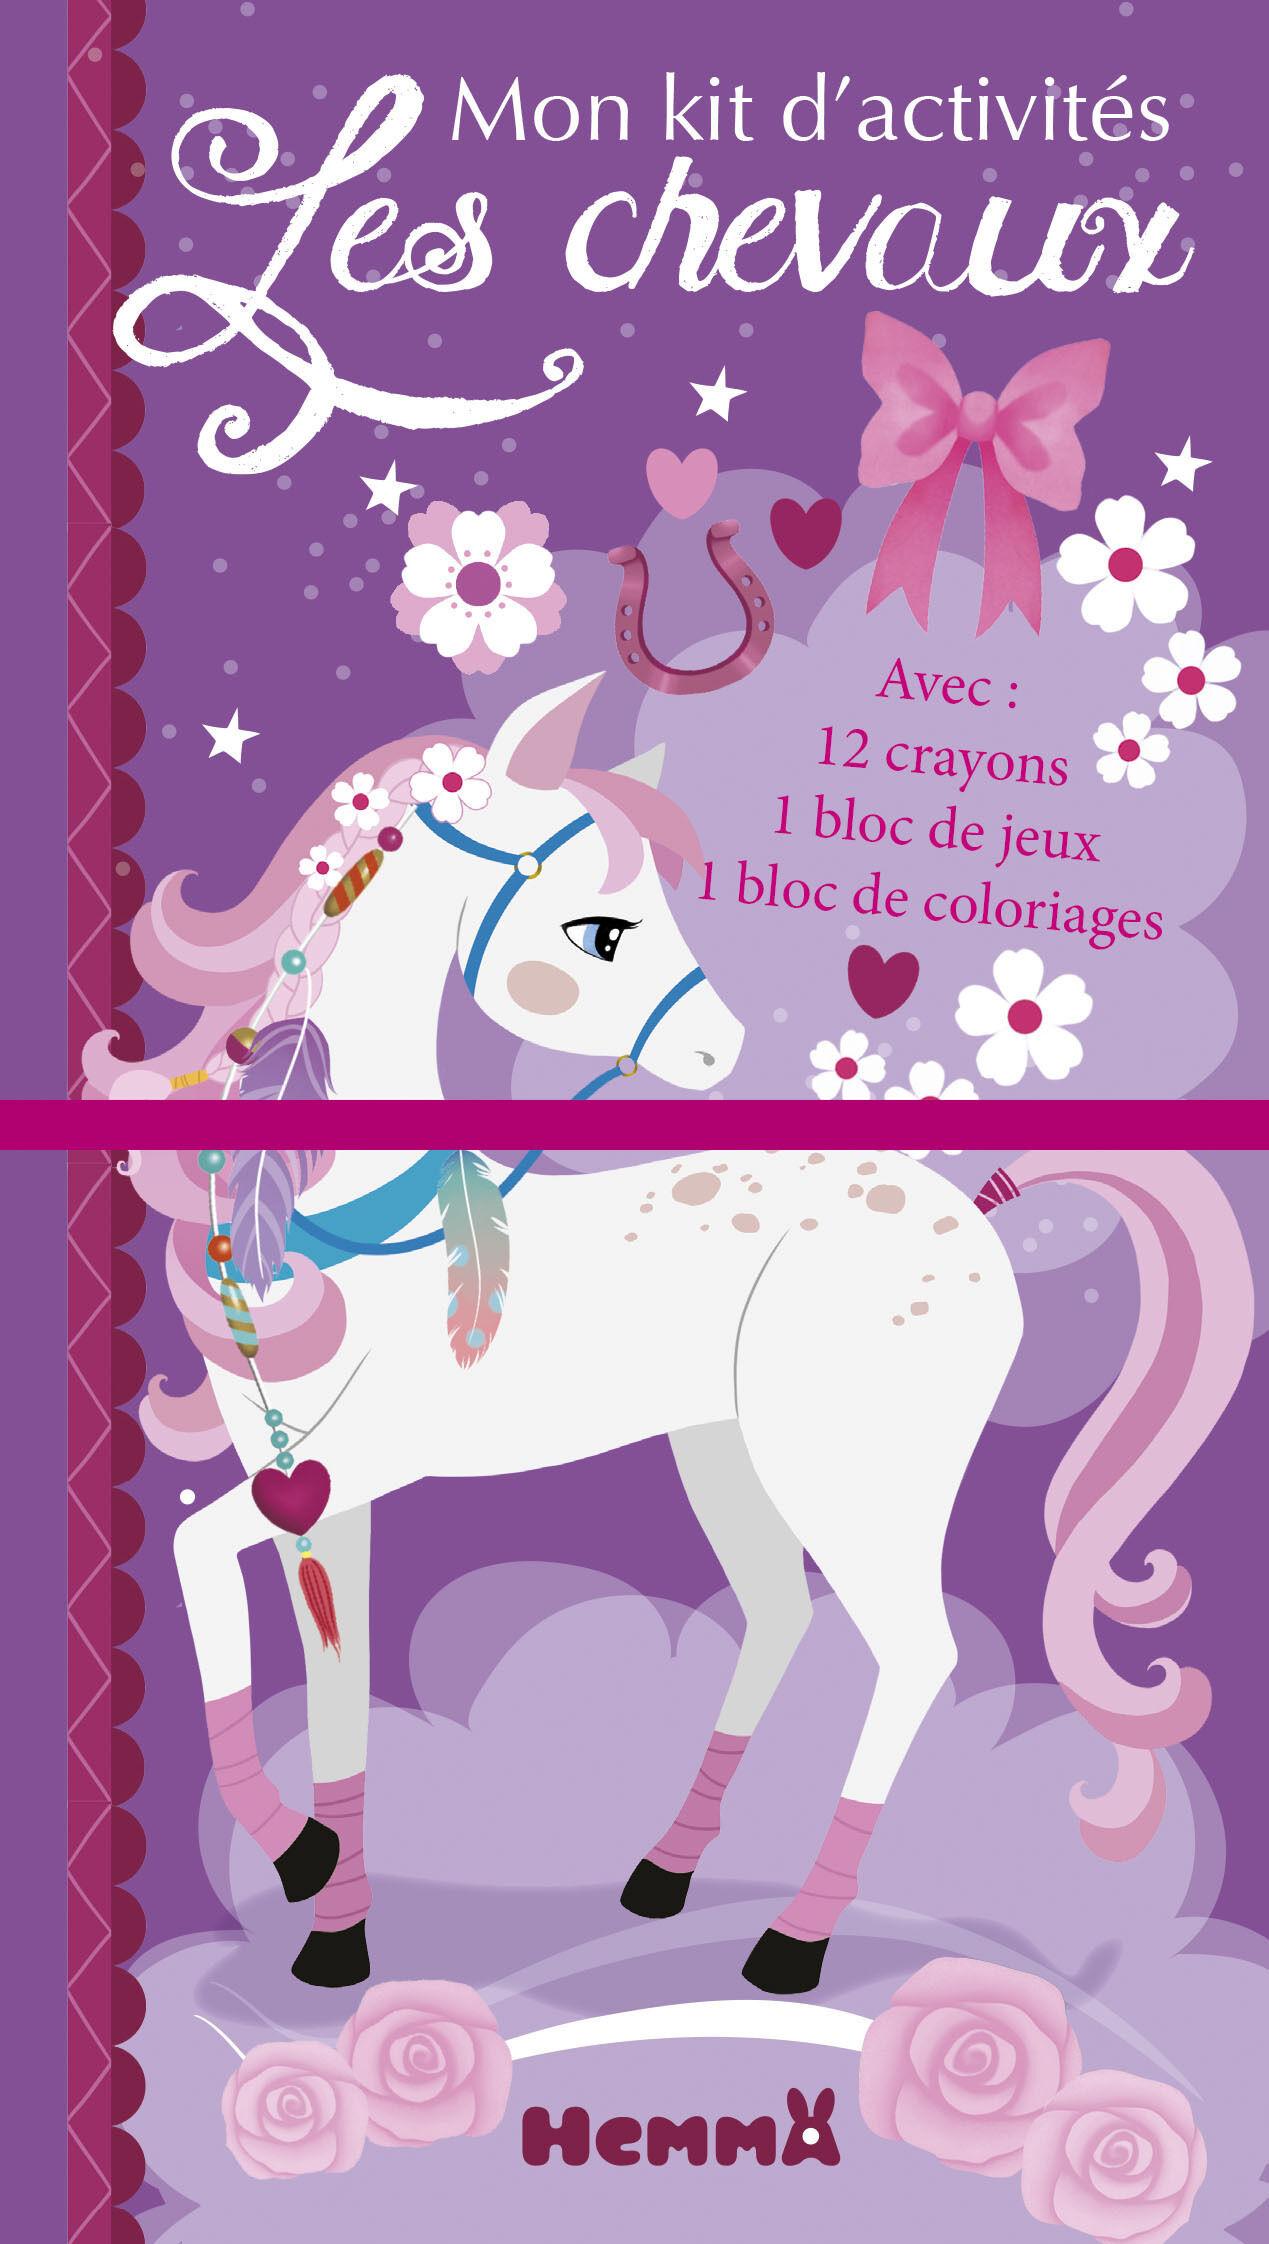 Les chevaux - mon kit d'activités (cheval blanc)